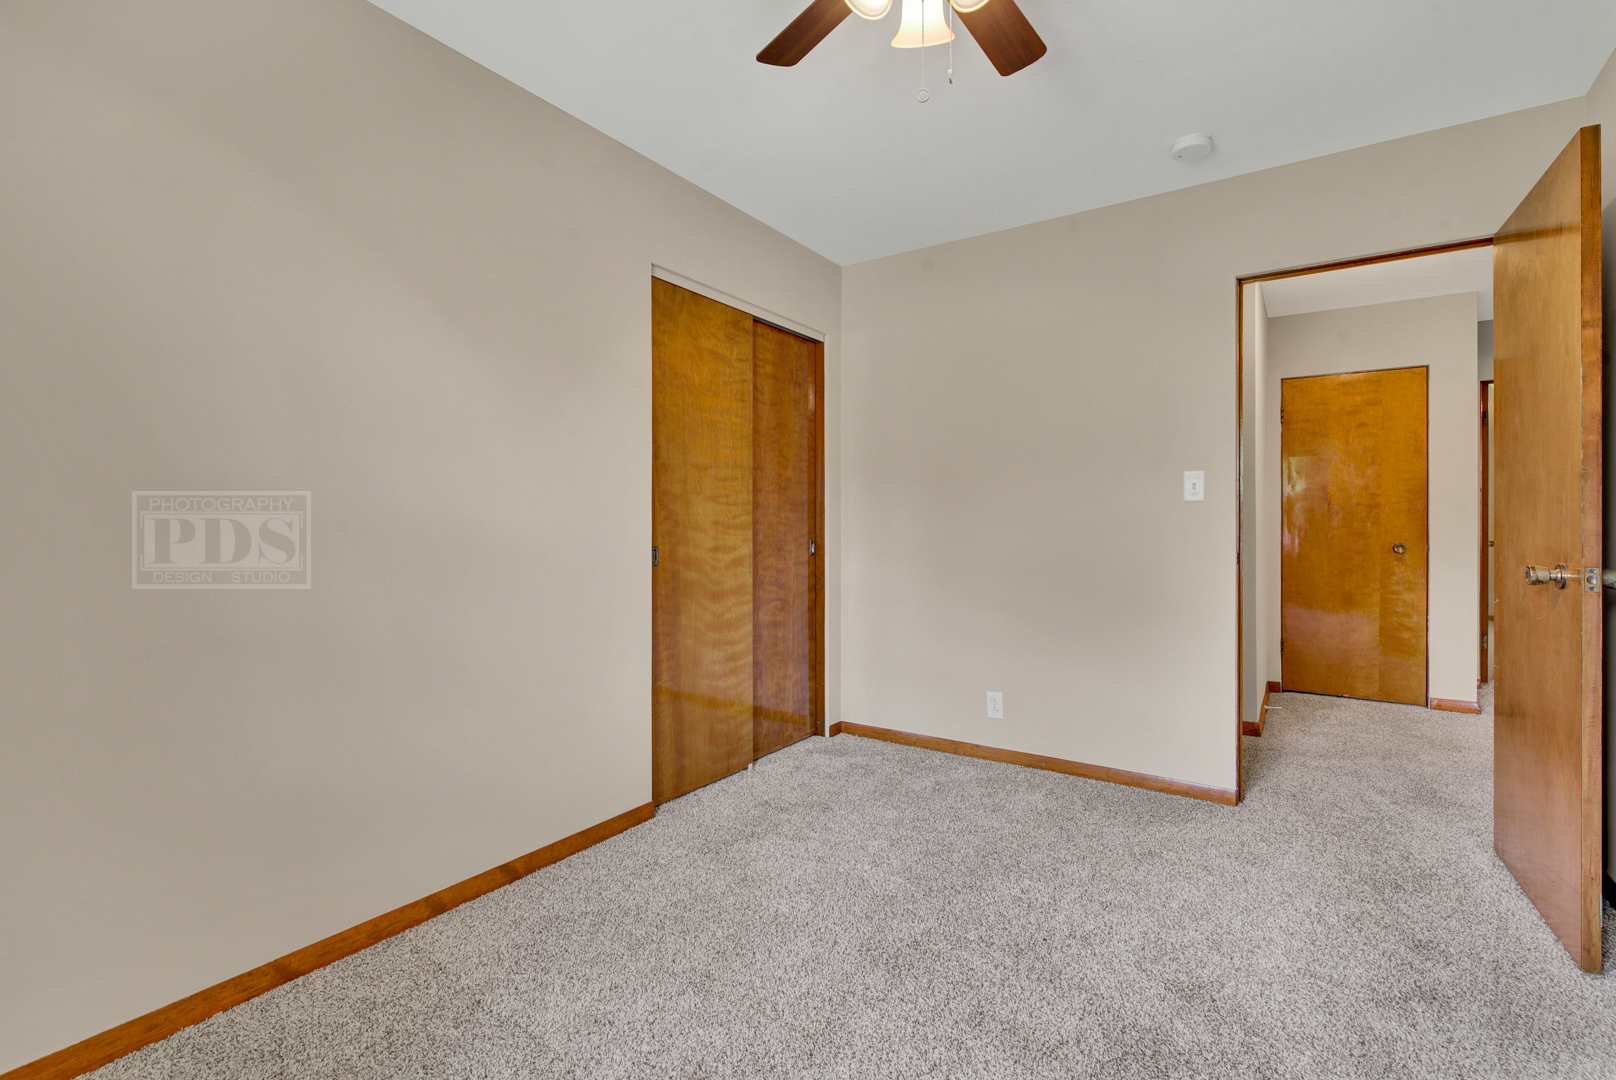 802 Alann, Joliet, Illinois, 60435